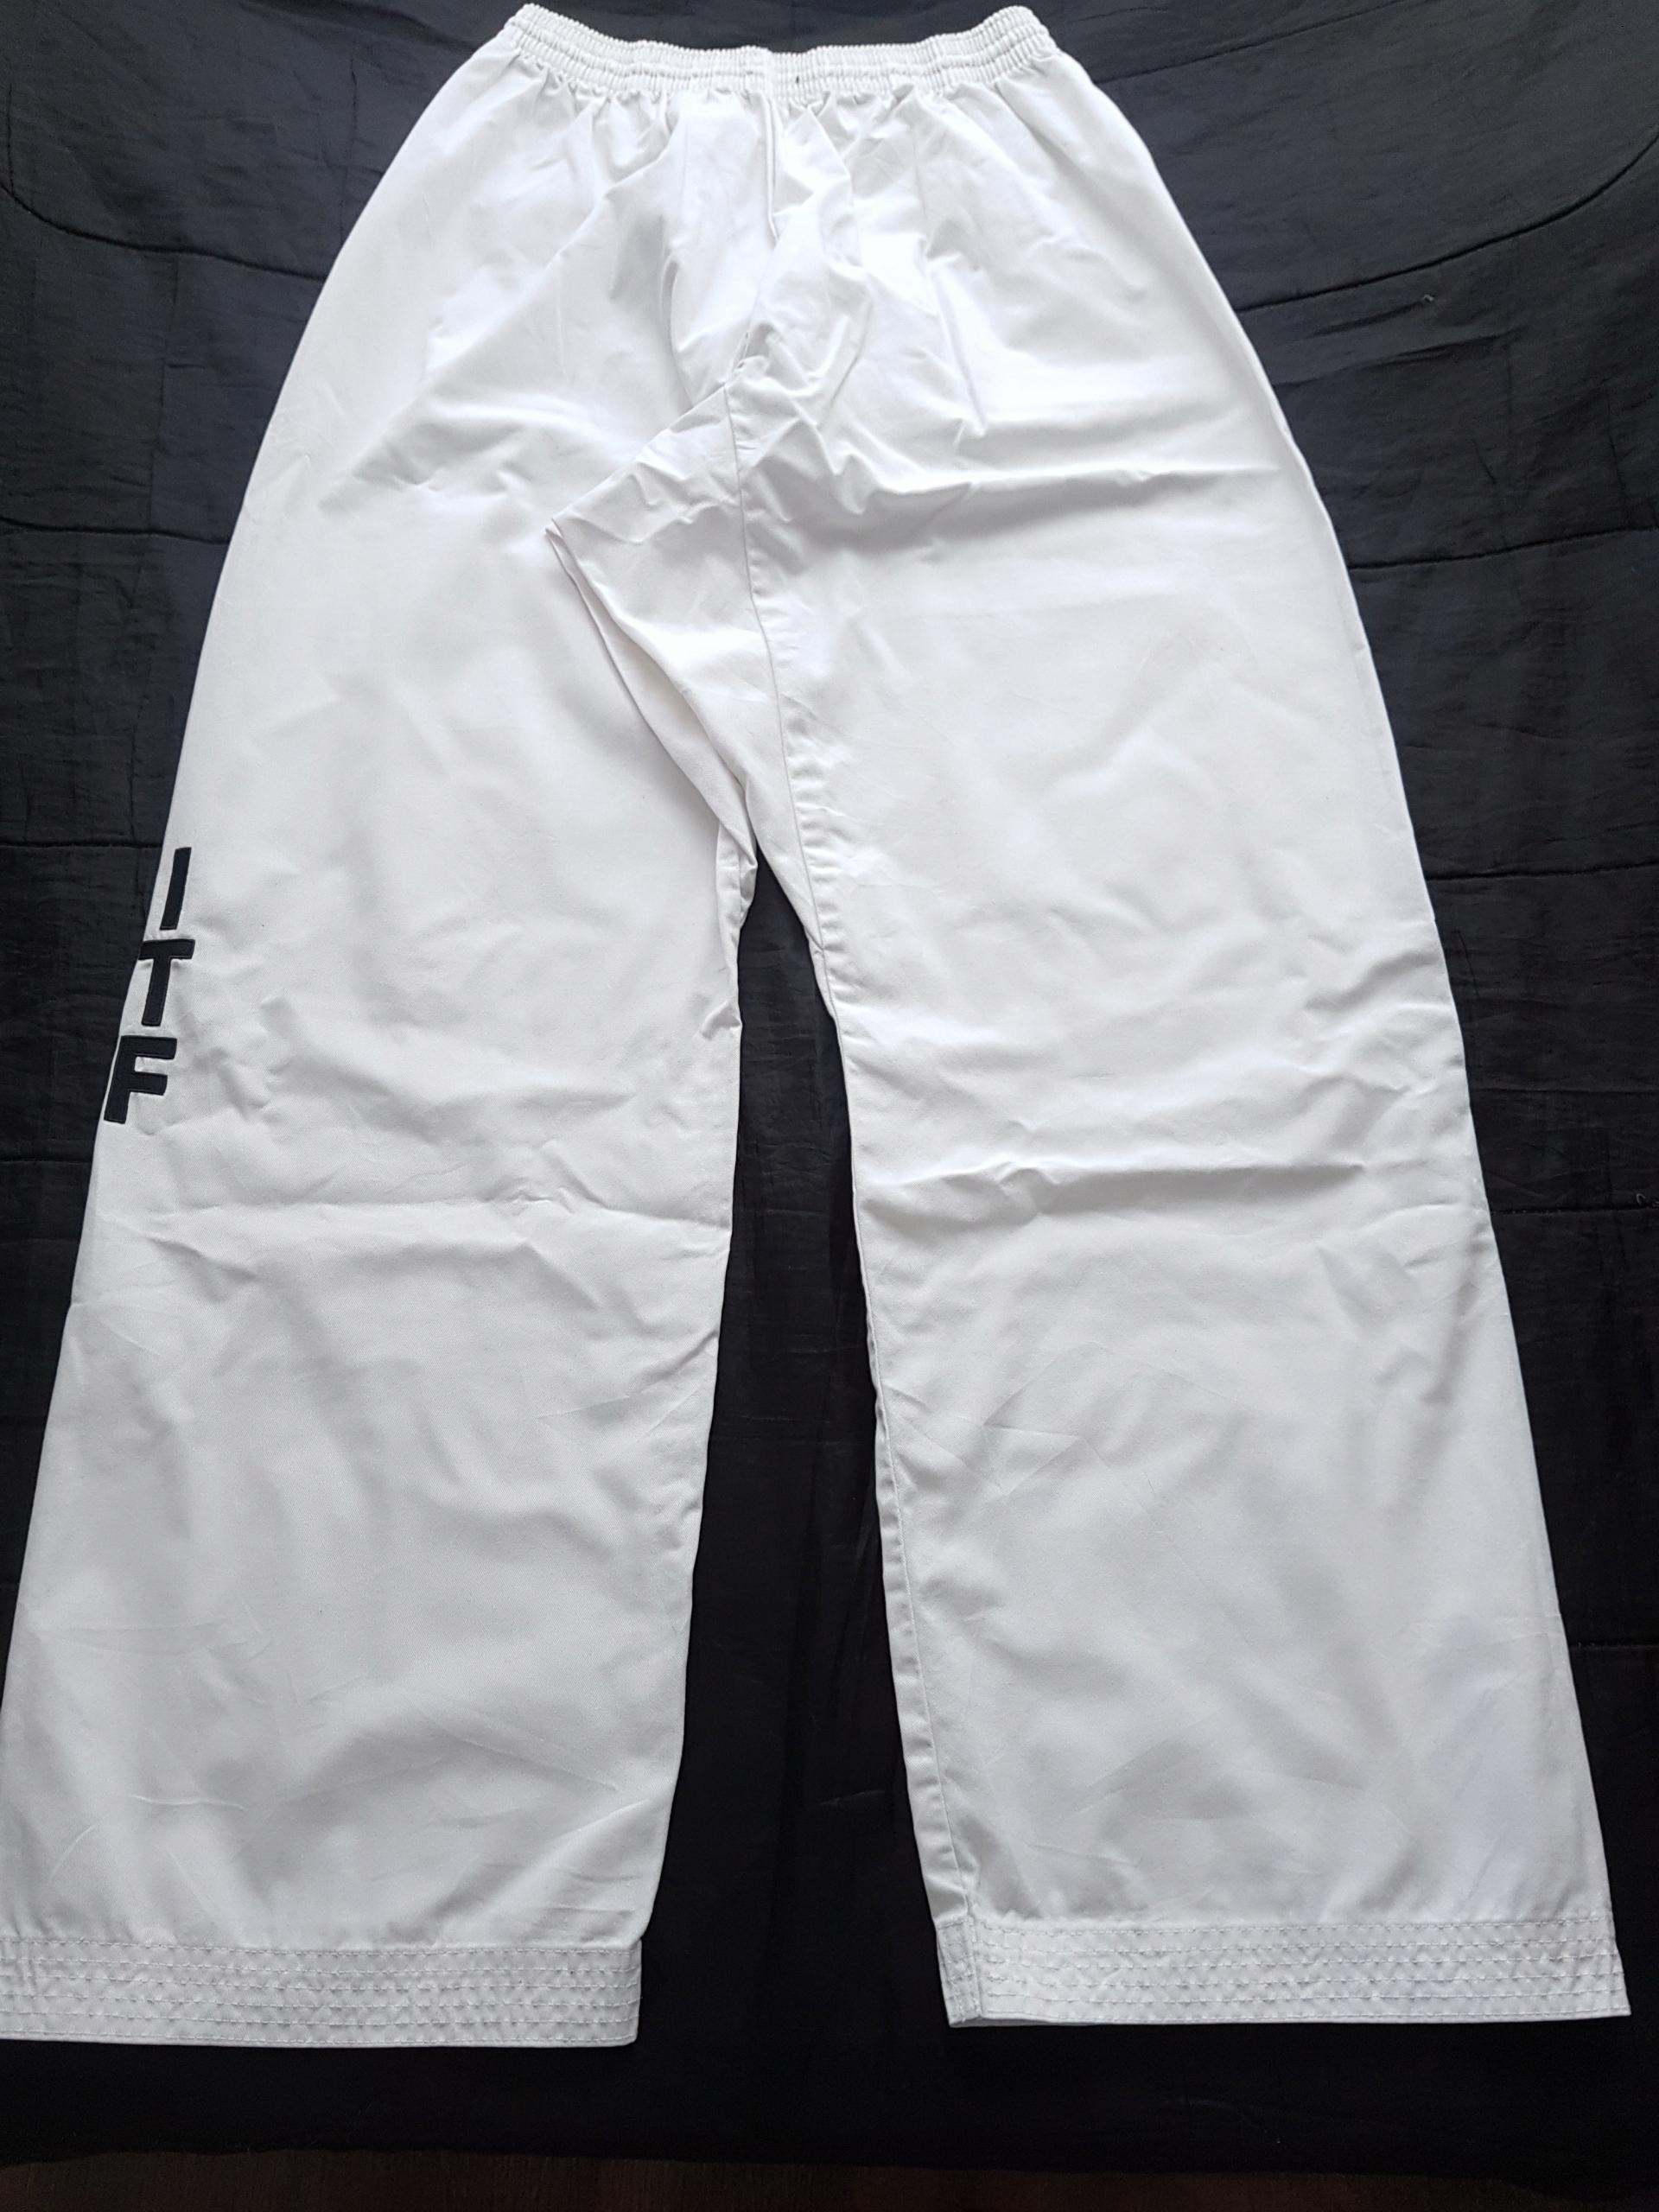 Spodnie kimono białe ITF 200 cm